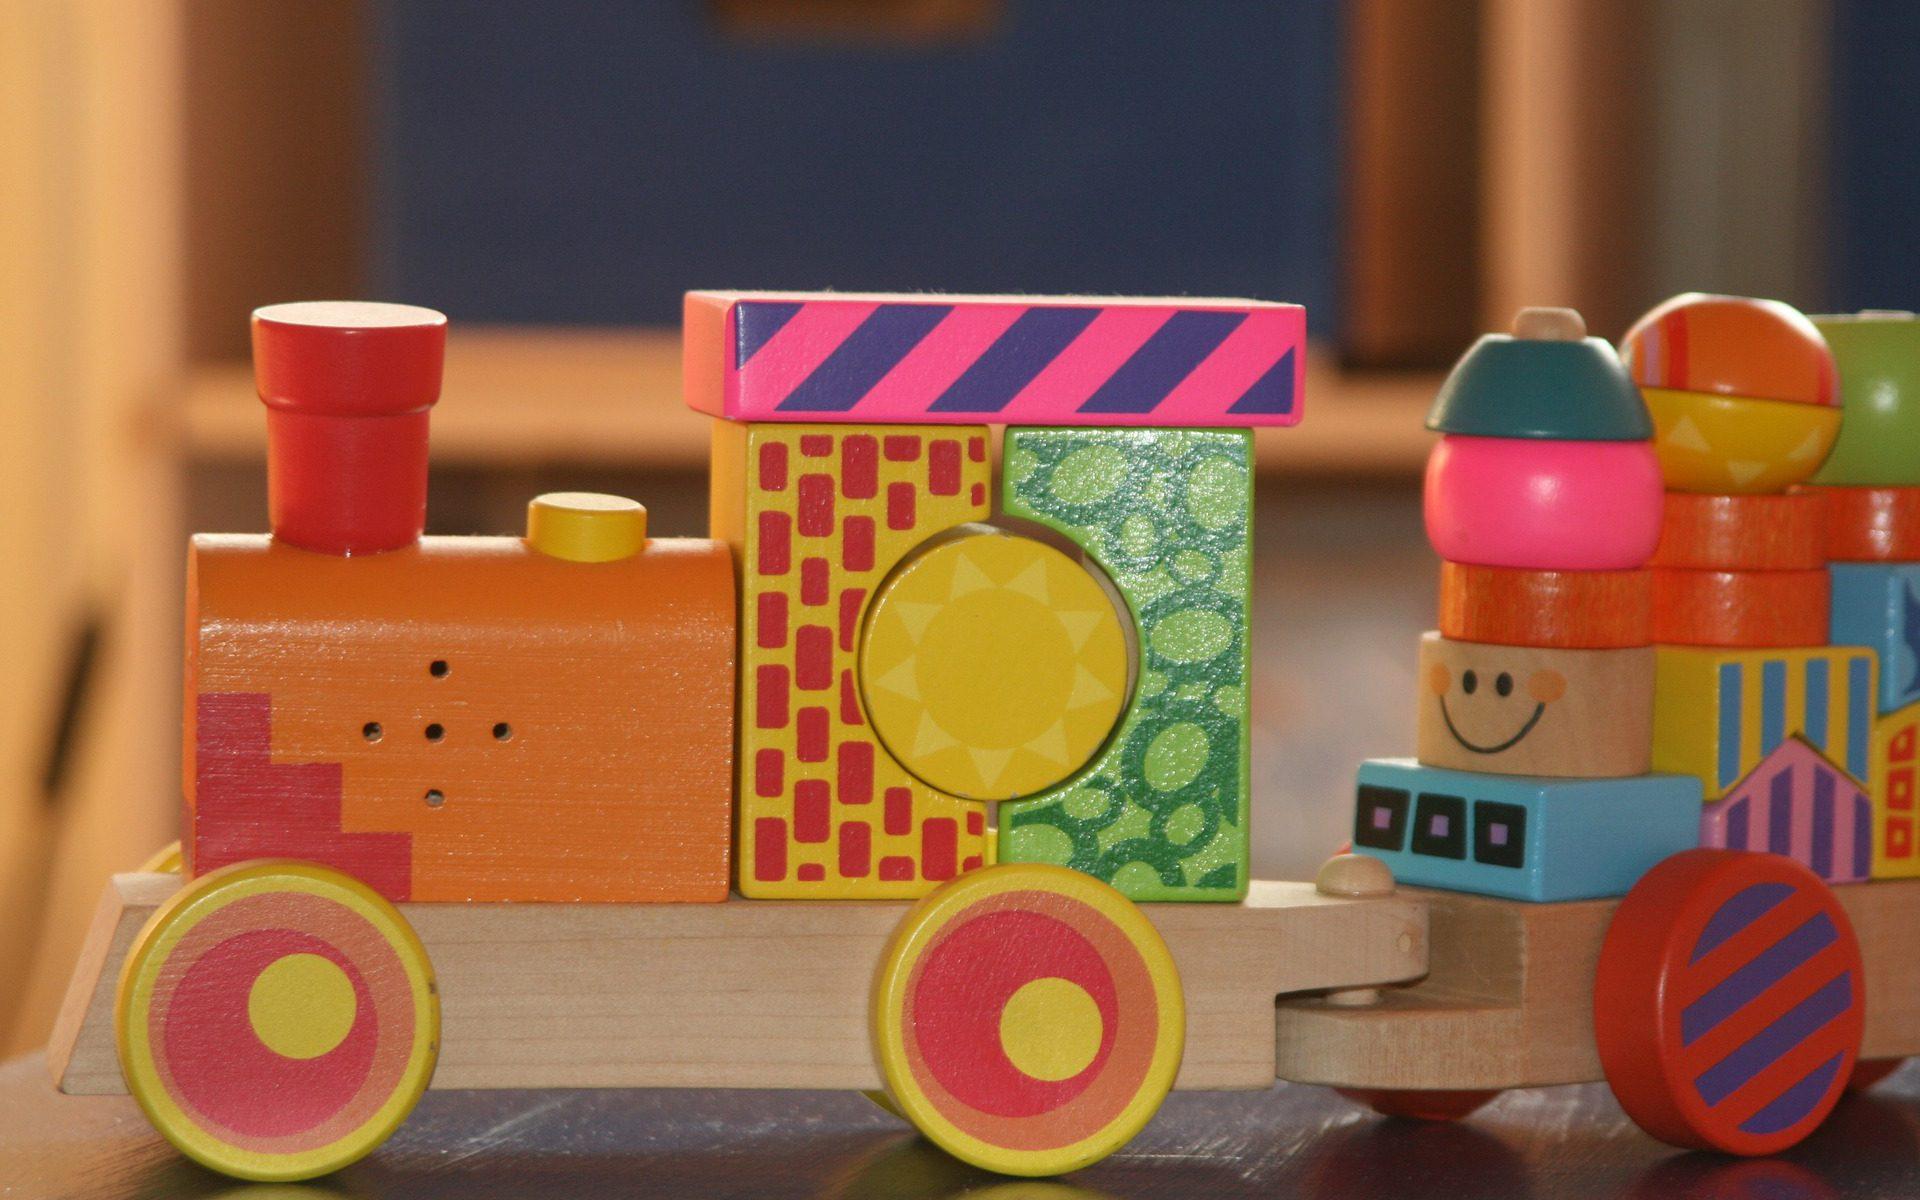 Vereinbarungen mit freien Trägern im Bereich Kindertagesstätten